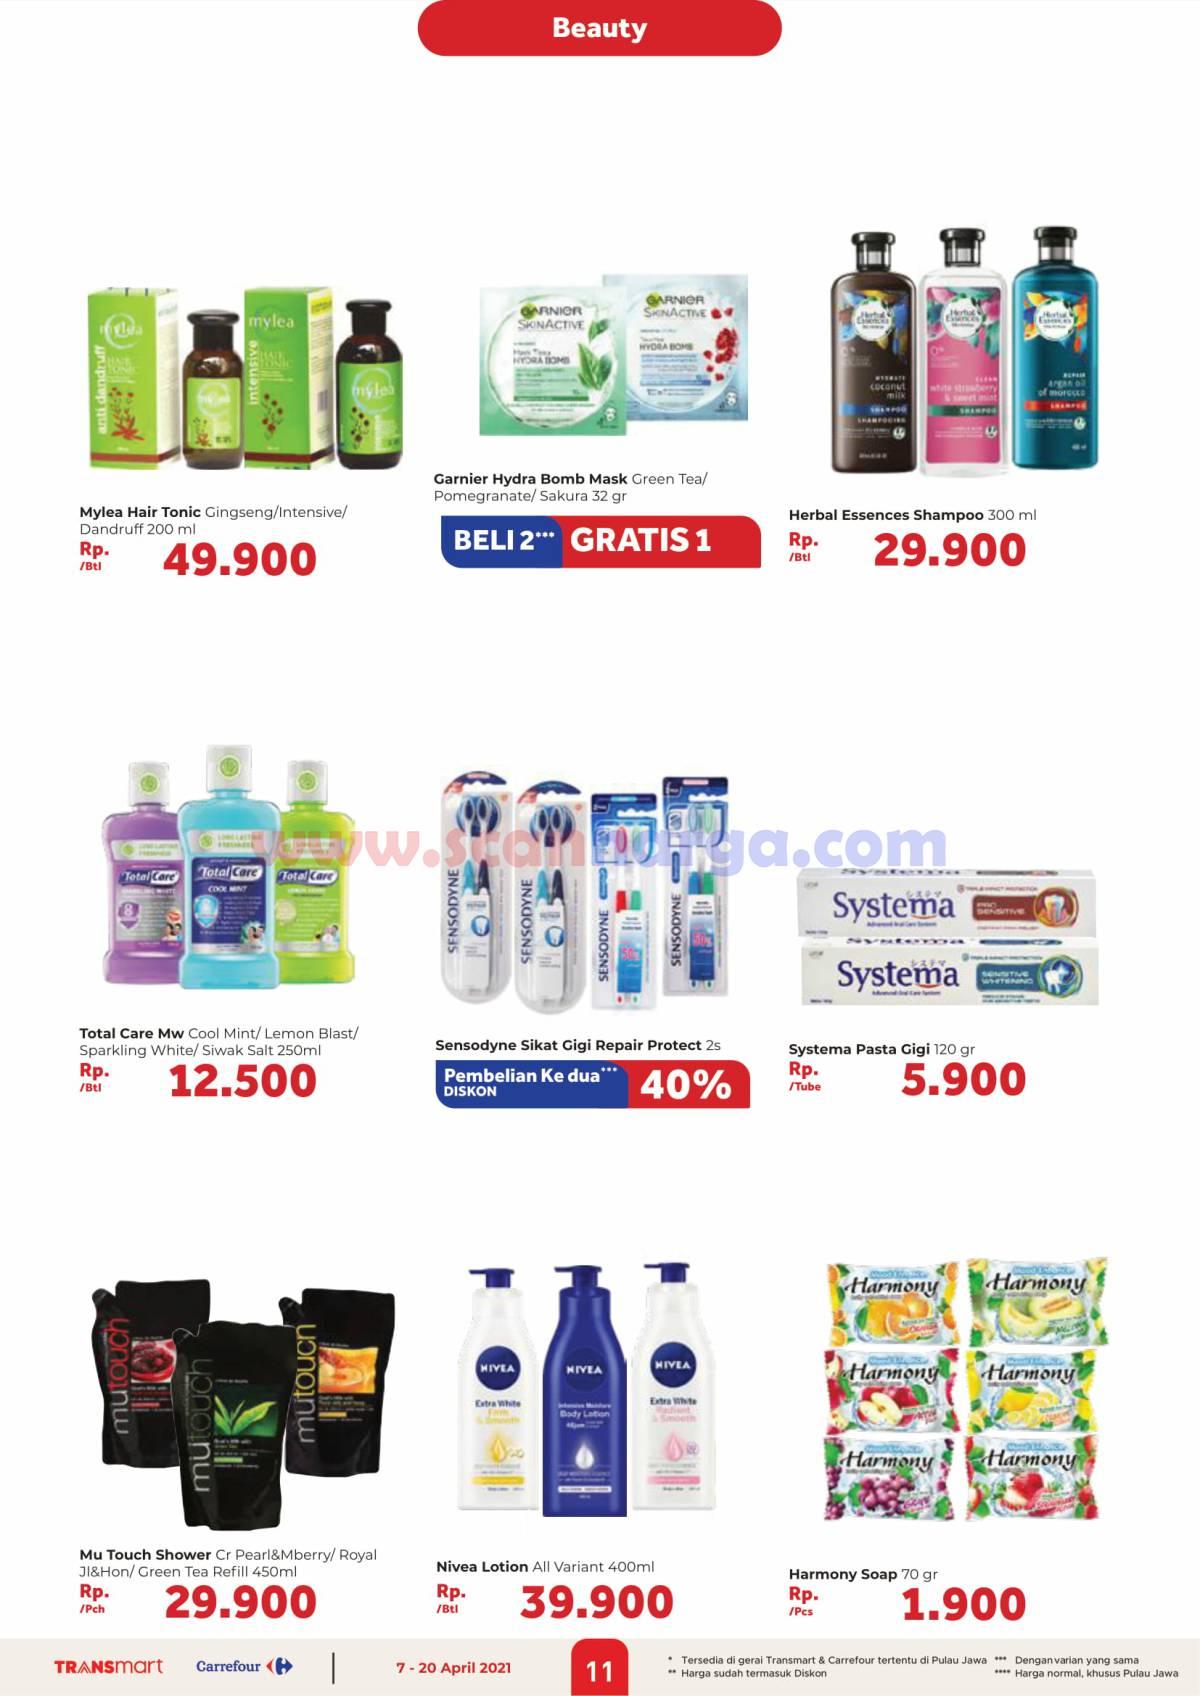 Katalog Promo Carrefour Transmart 7 - 20 April 2021 11